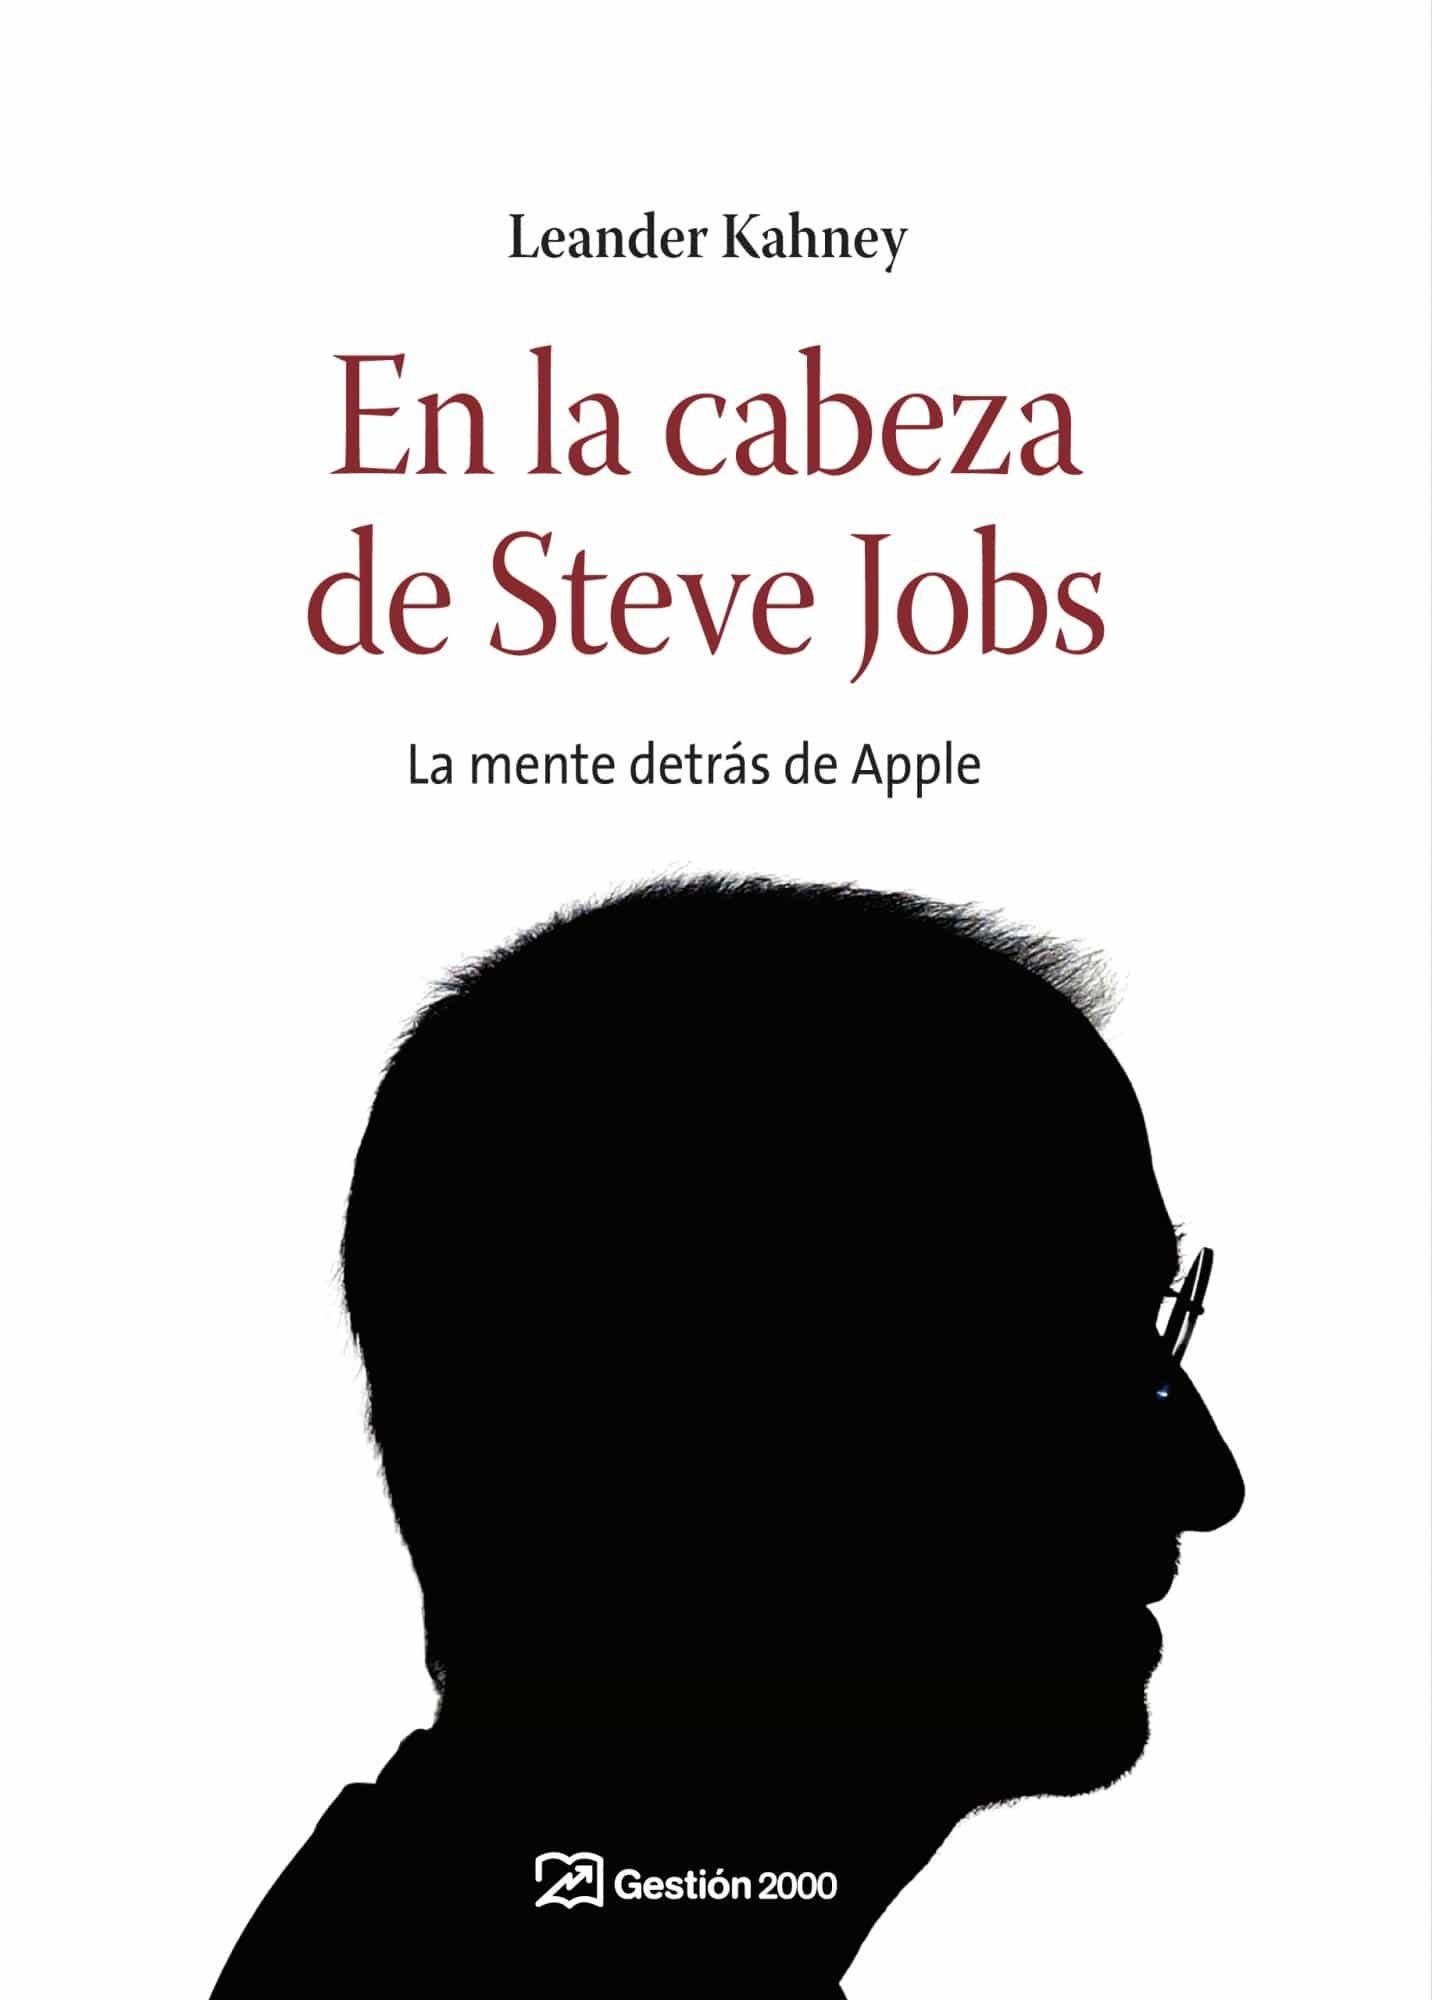 en la cabeza de steve jobs: la mente detras de apple-leander kahney-9788498750195